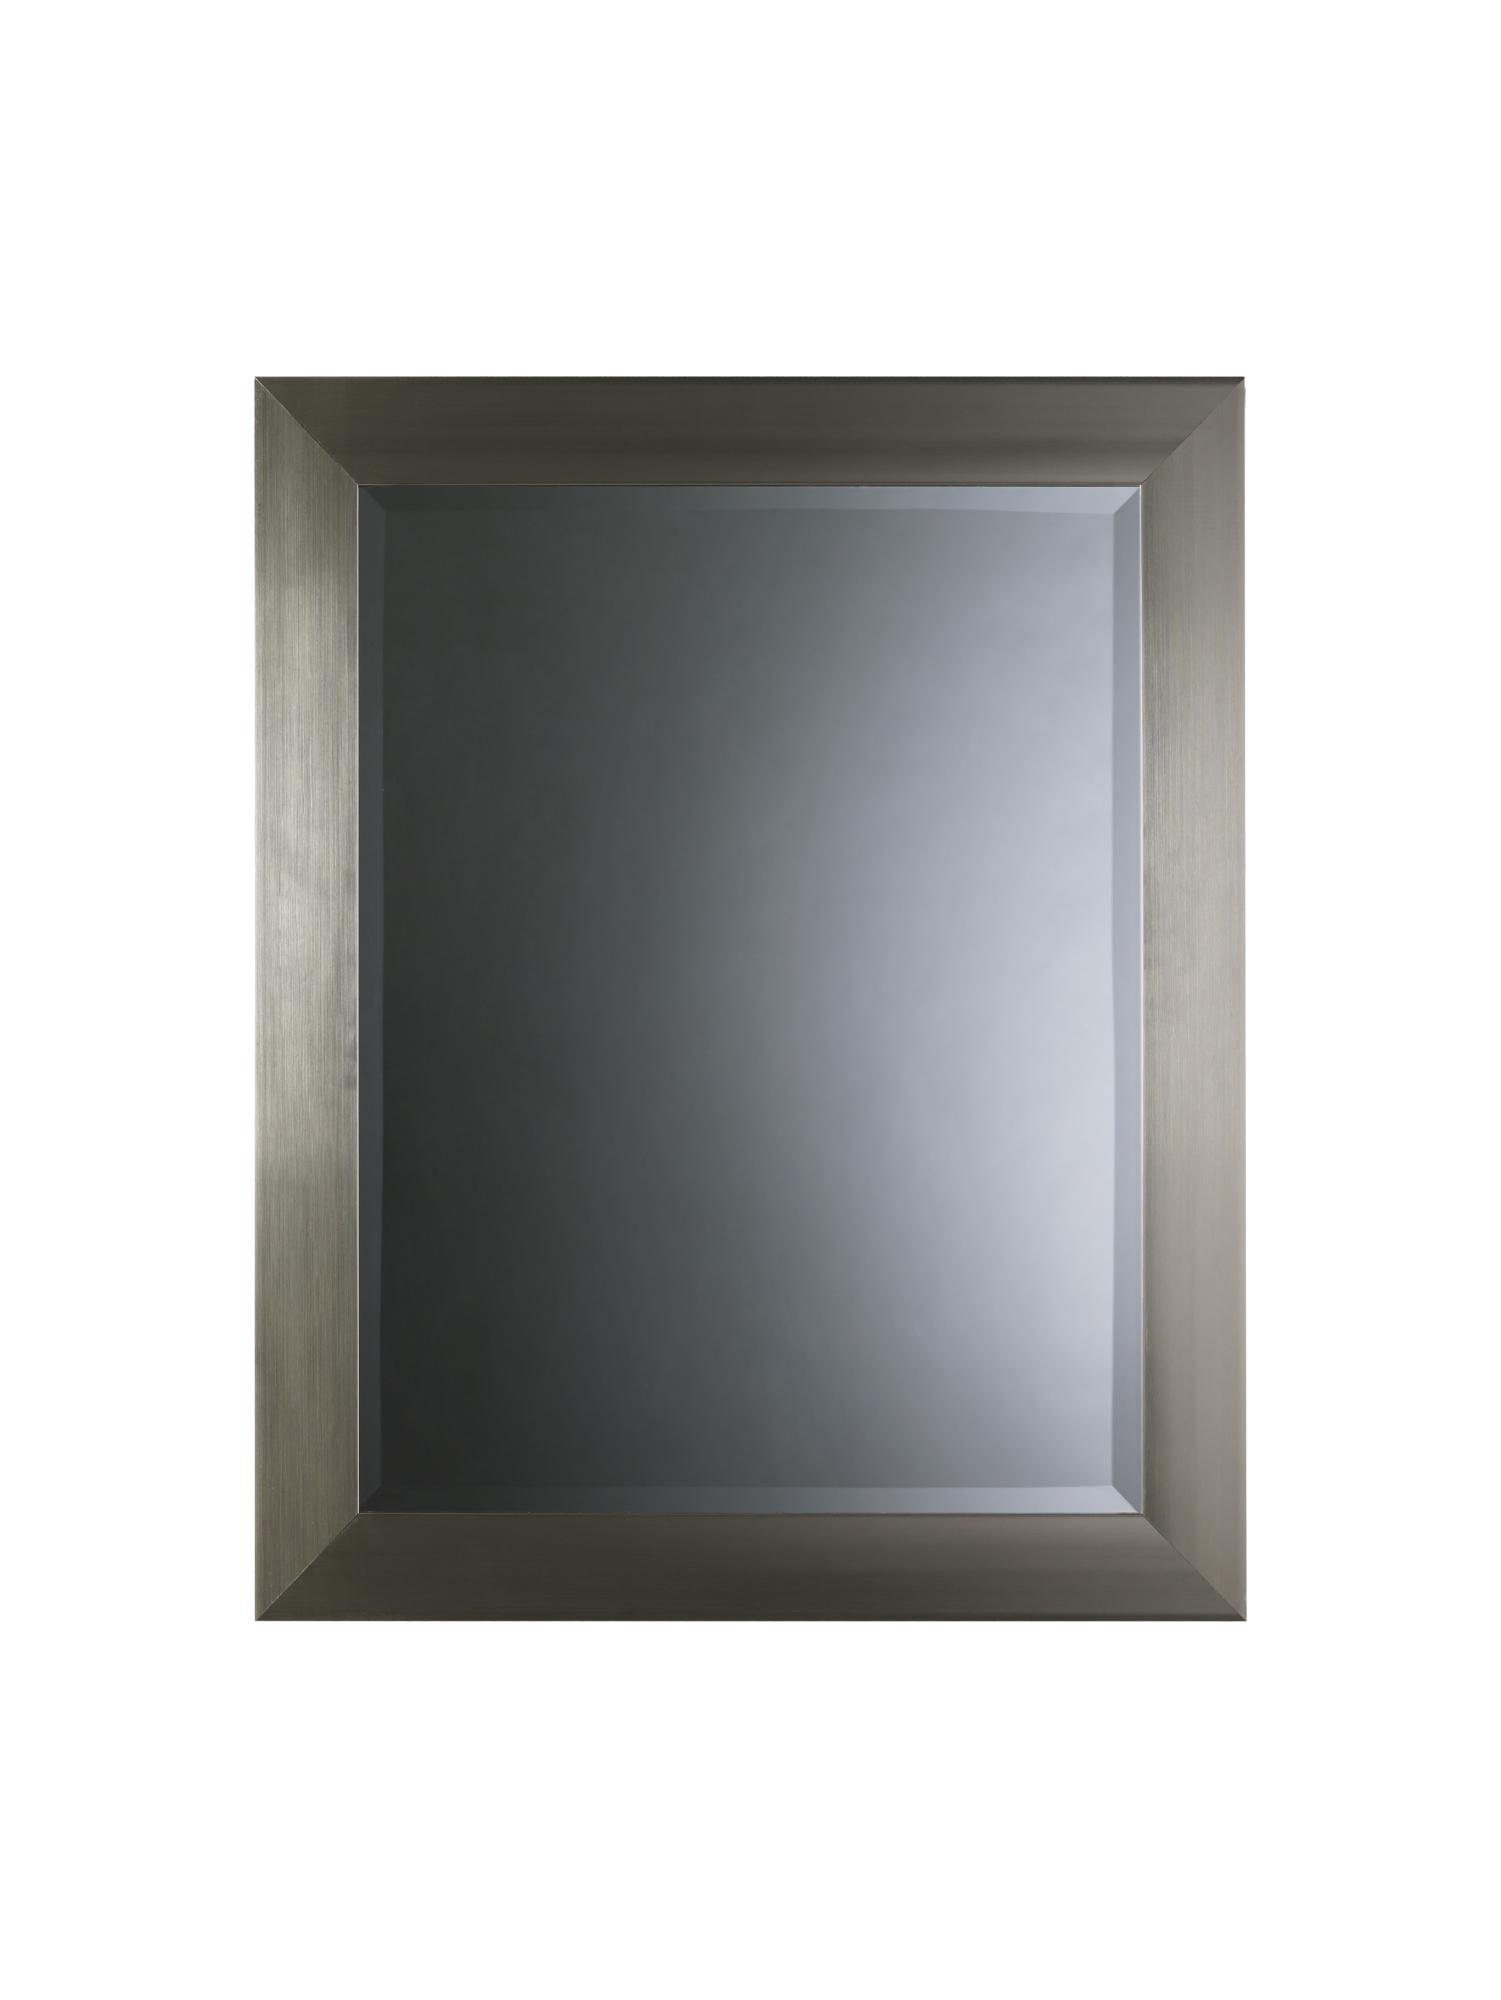 Papel espejo adhesivo amazing espejos decorativos de for Donde venden espejos